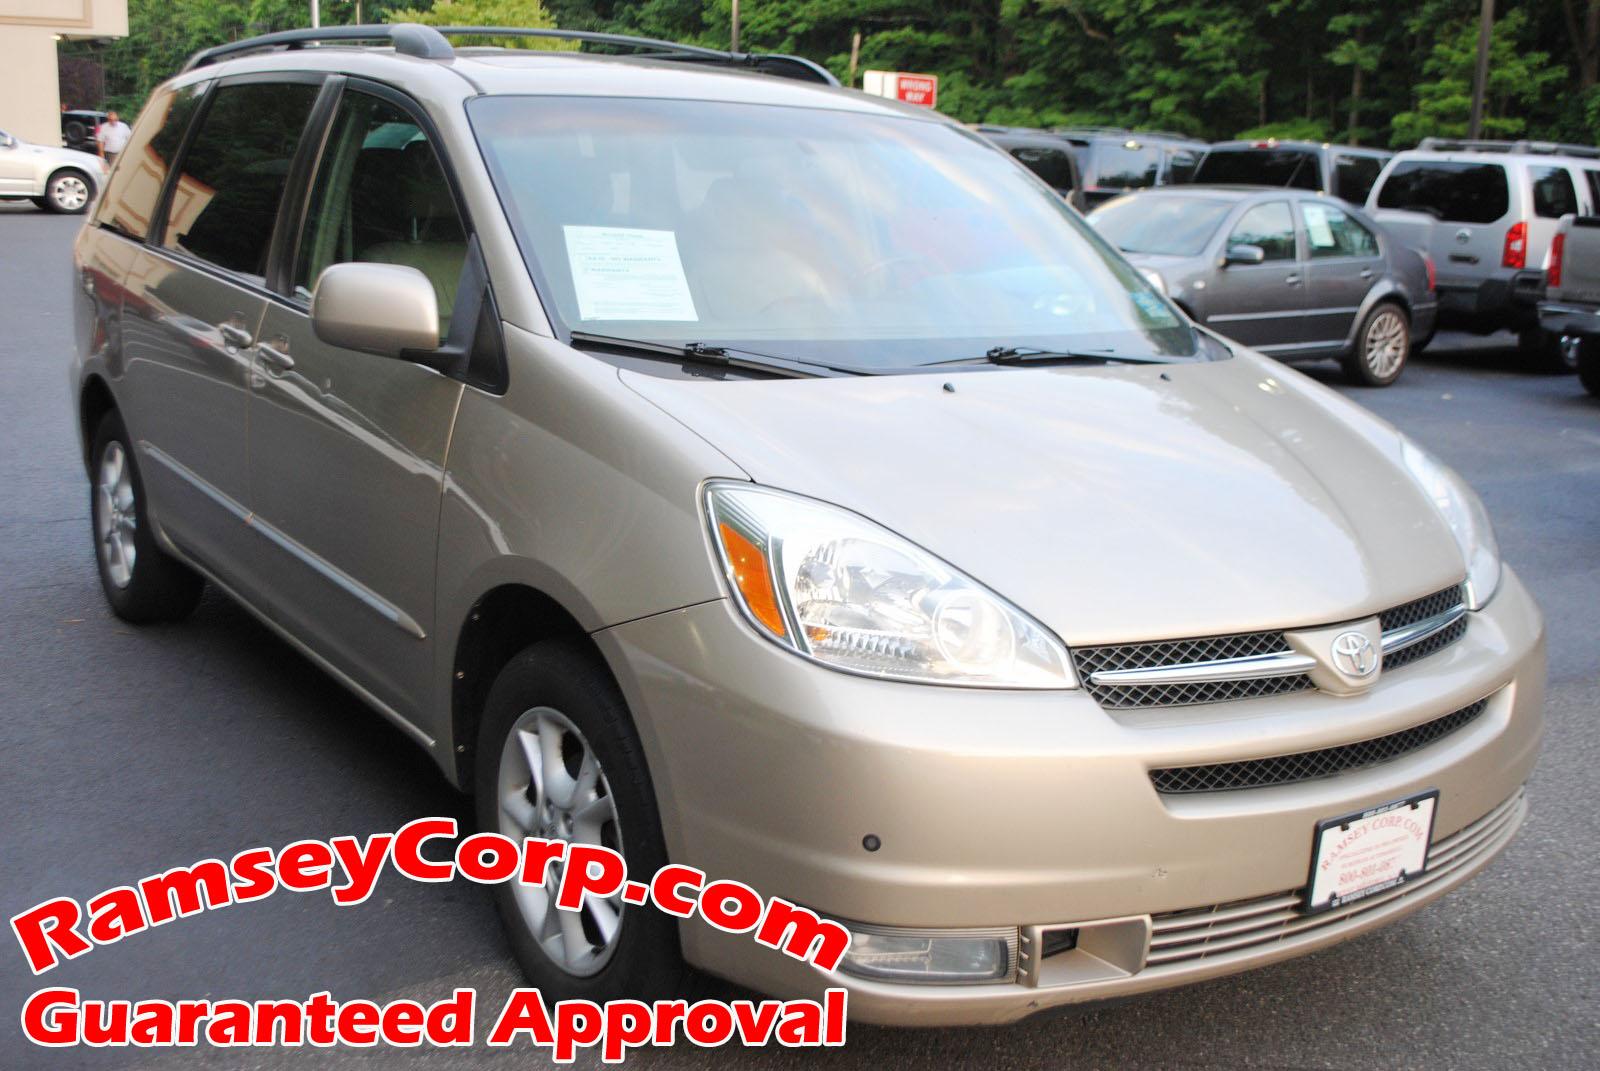 2004 Toyota Sienna XLE Limited 3.3 Van